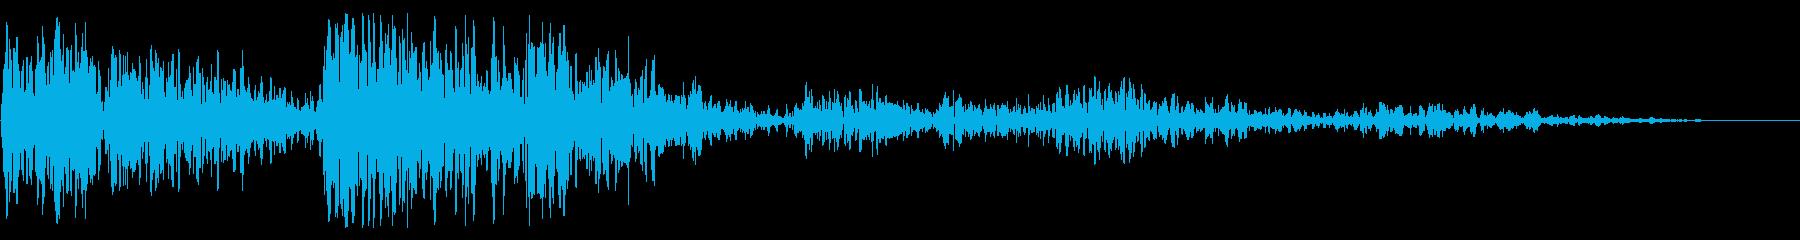 低サブ周波数二重衝撃爆発ベースの再生済みの波形